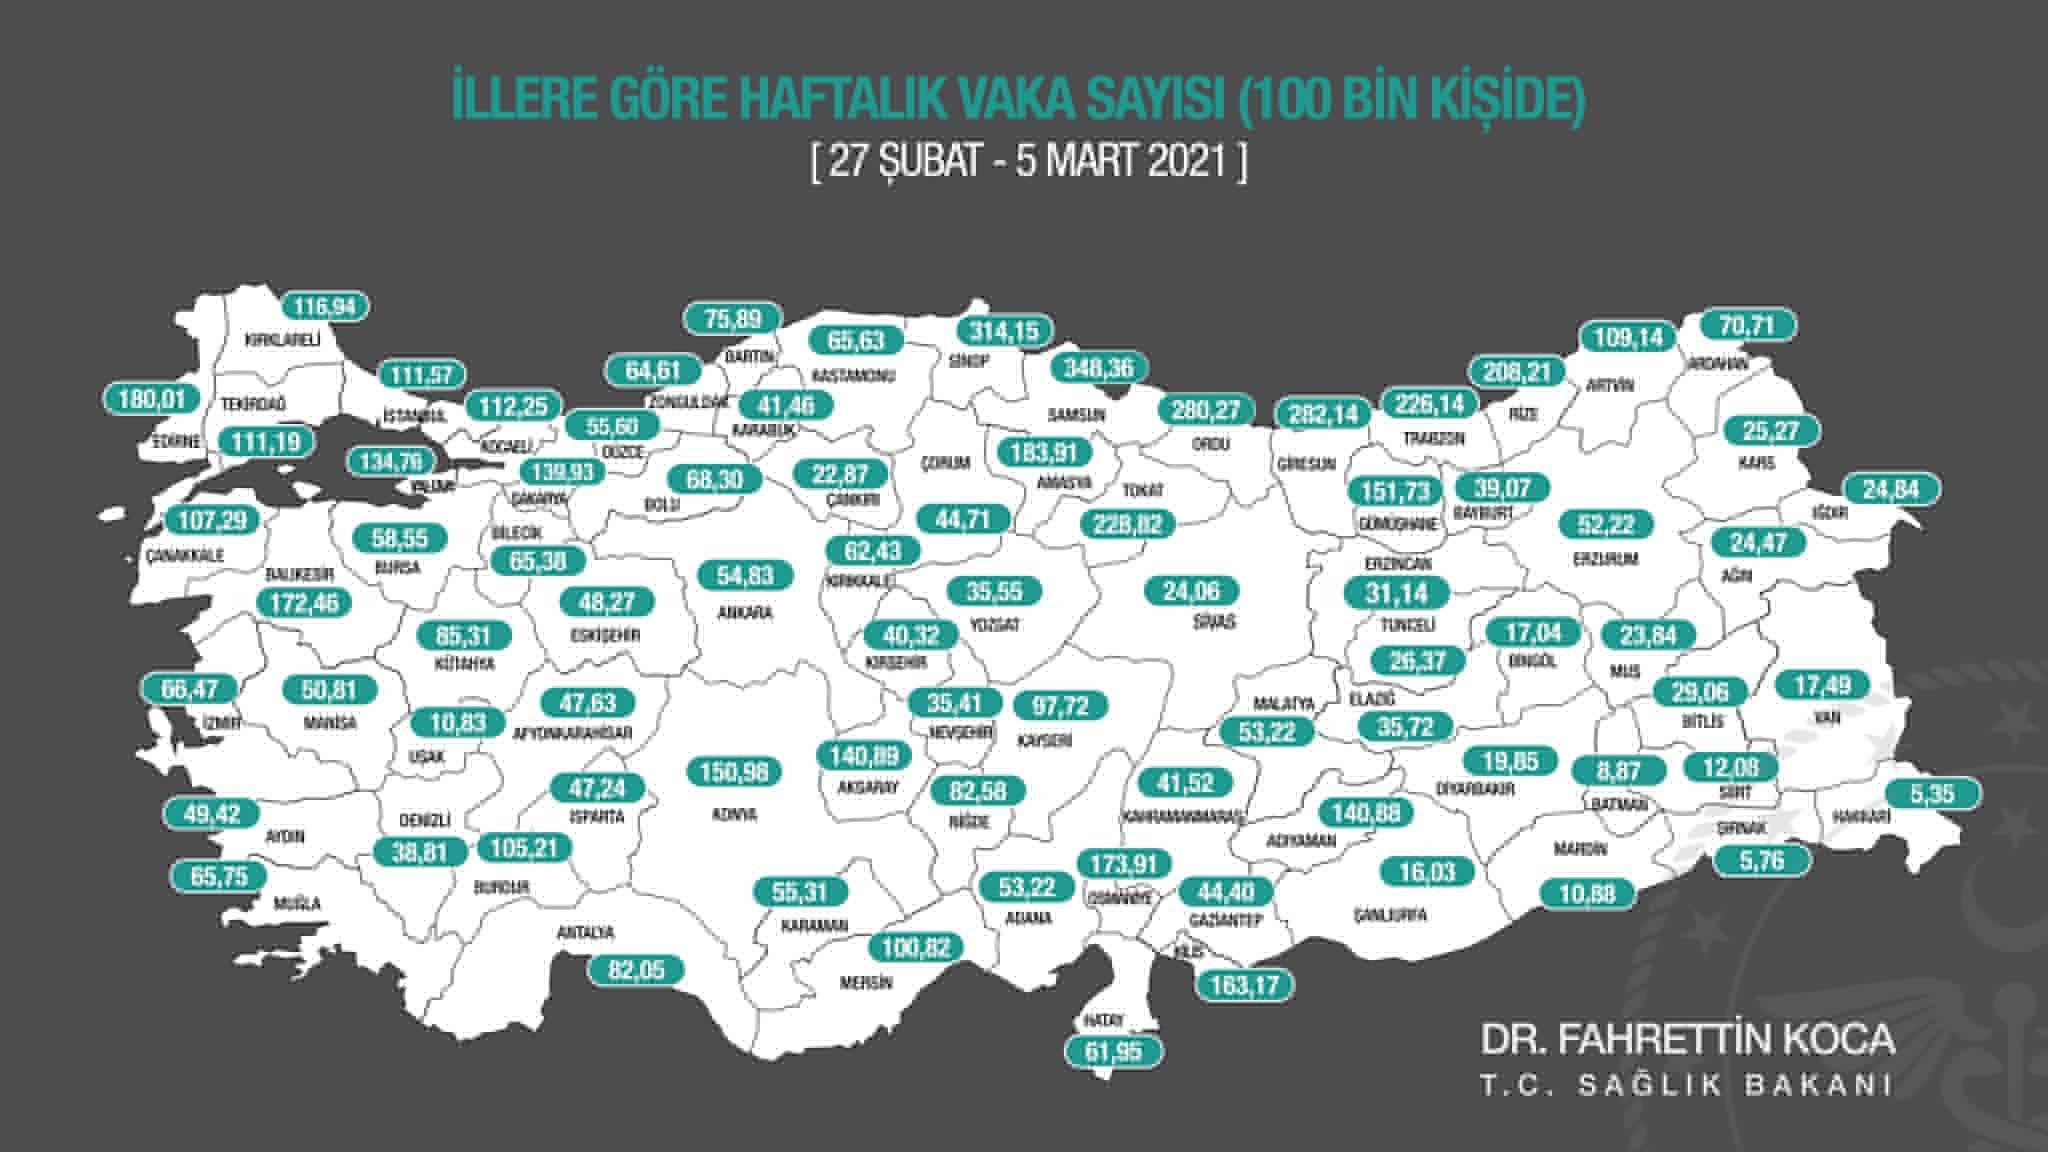 Kırıkkale'de, haftalık vaka açıklandı